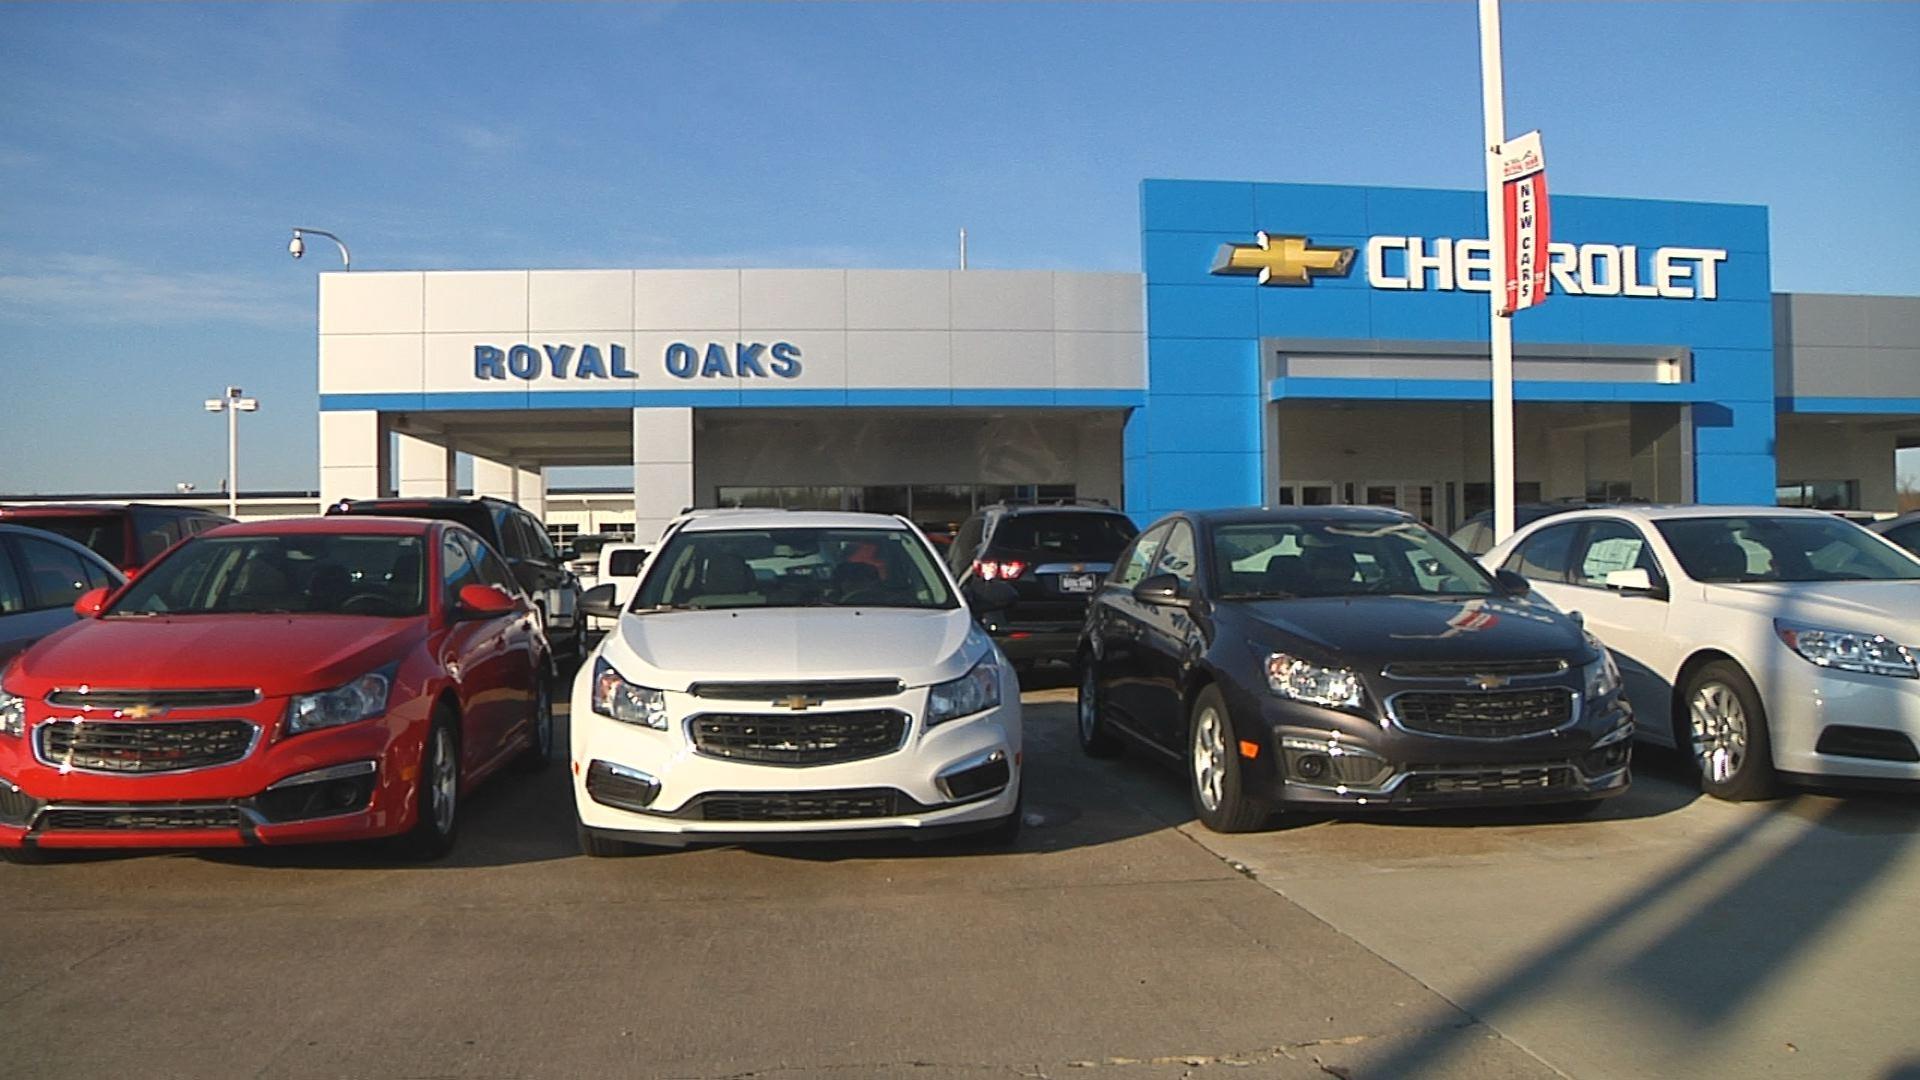 Jami works at Royal Oaks Chevrolet in Paducah, KY